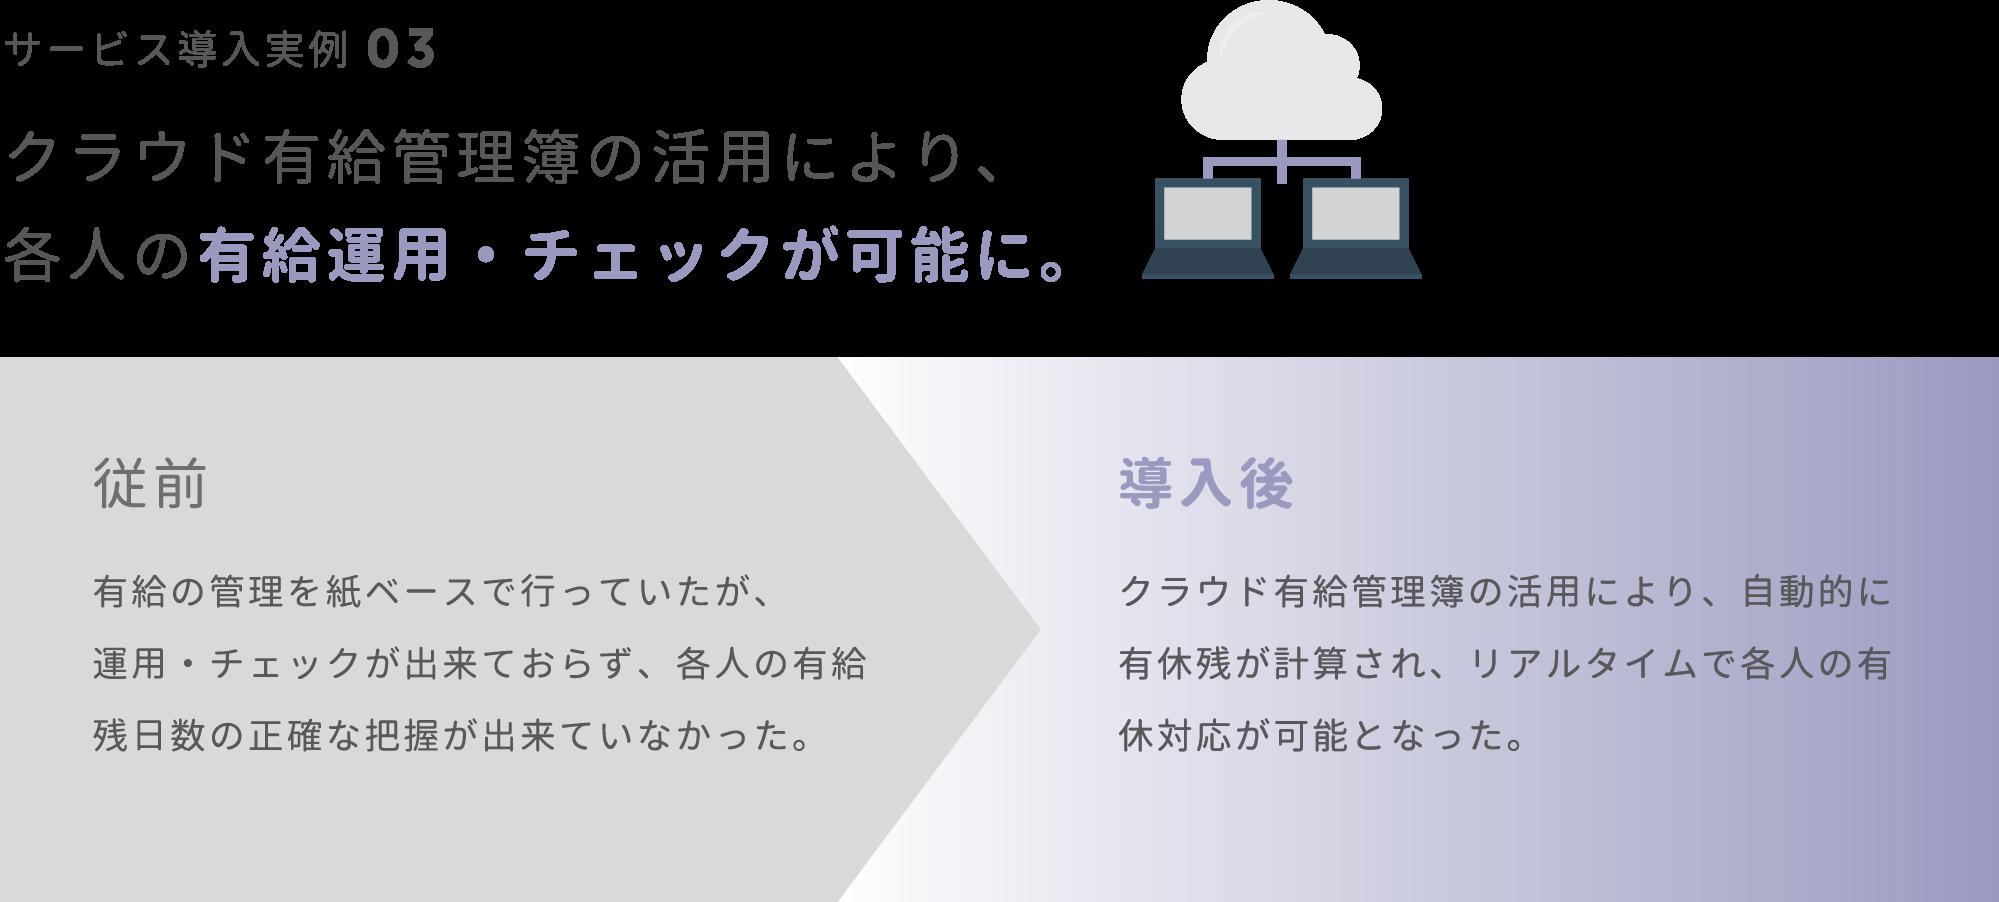 クラウド有給管理簿の活用により、各人の有給運用・チェックが可能に。 / 従前:有給の管理を紙ベースで行っていたが、運用・チェックが出来ておらず、各人の有給残日数の正確な把握が出来ていなかった。導入後:クラウド有給管理簿の活用により、自動的に有休残が計算され、リアルタイムで各人の有休対応が可能となった。